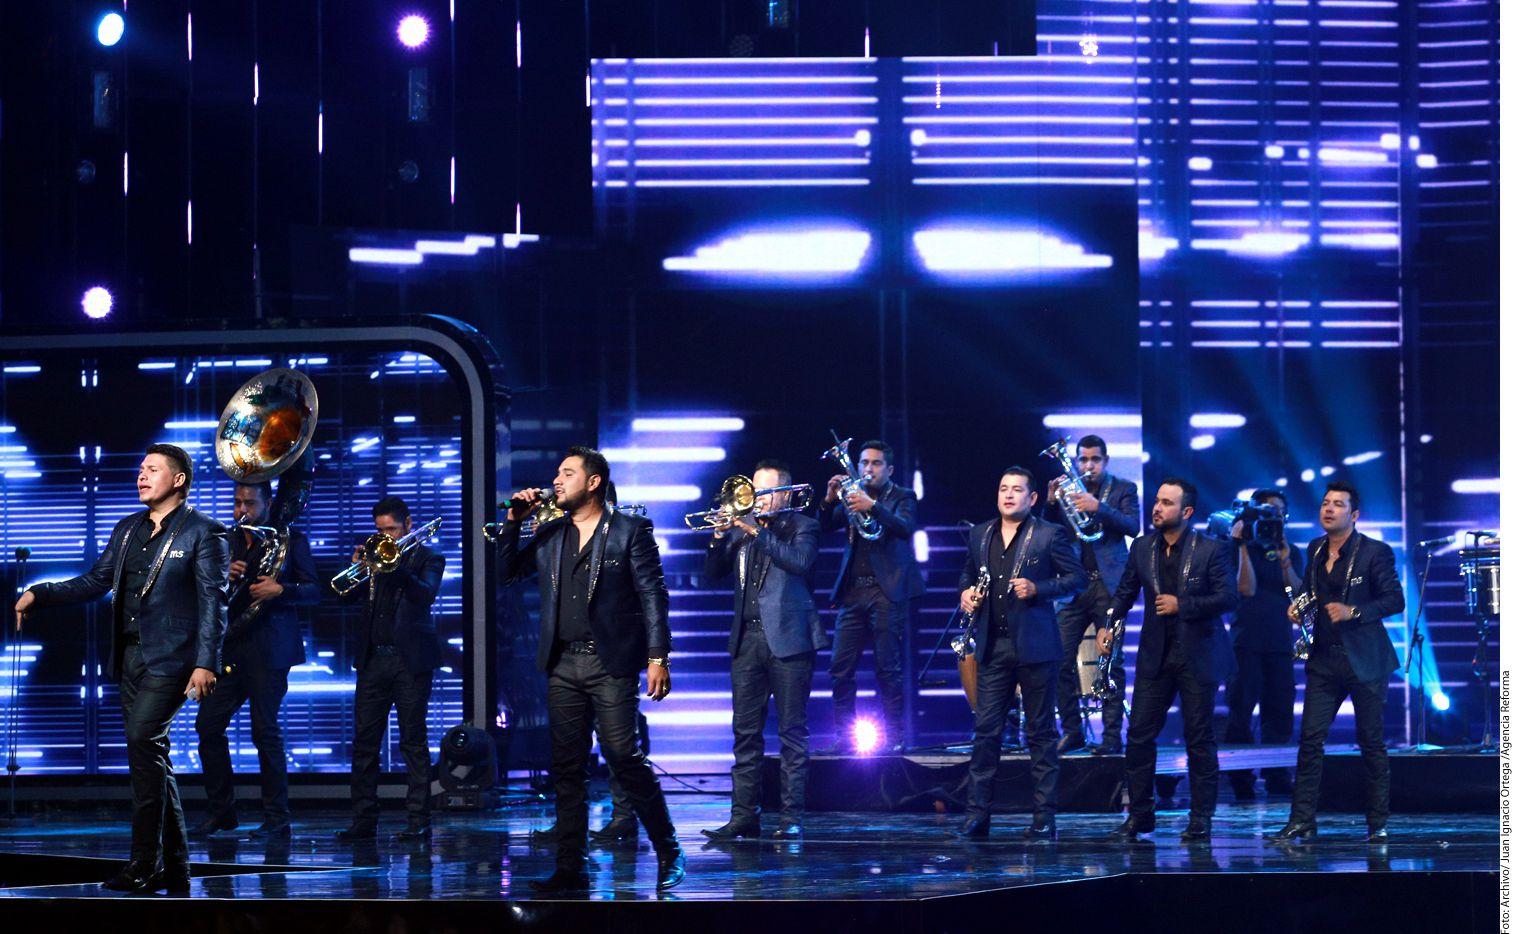 La Banda MS es una de las más nominadas en los Latin Music Billboard Awards. AGENCIA REFORMA